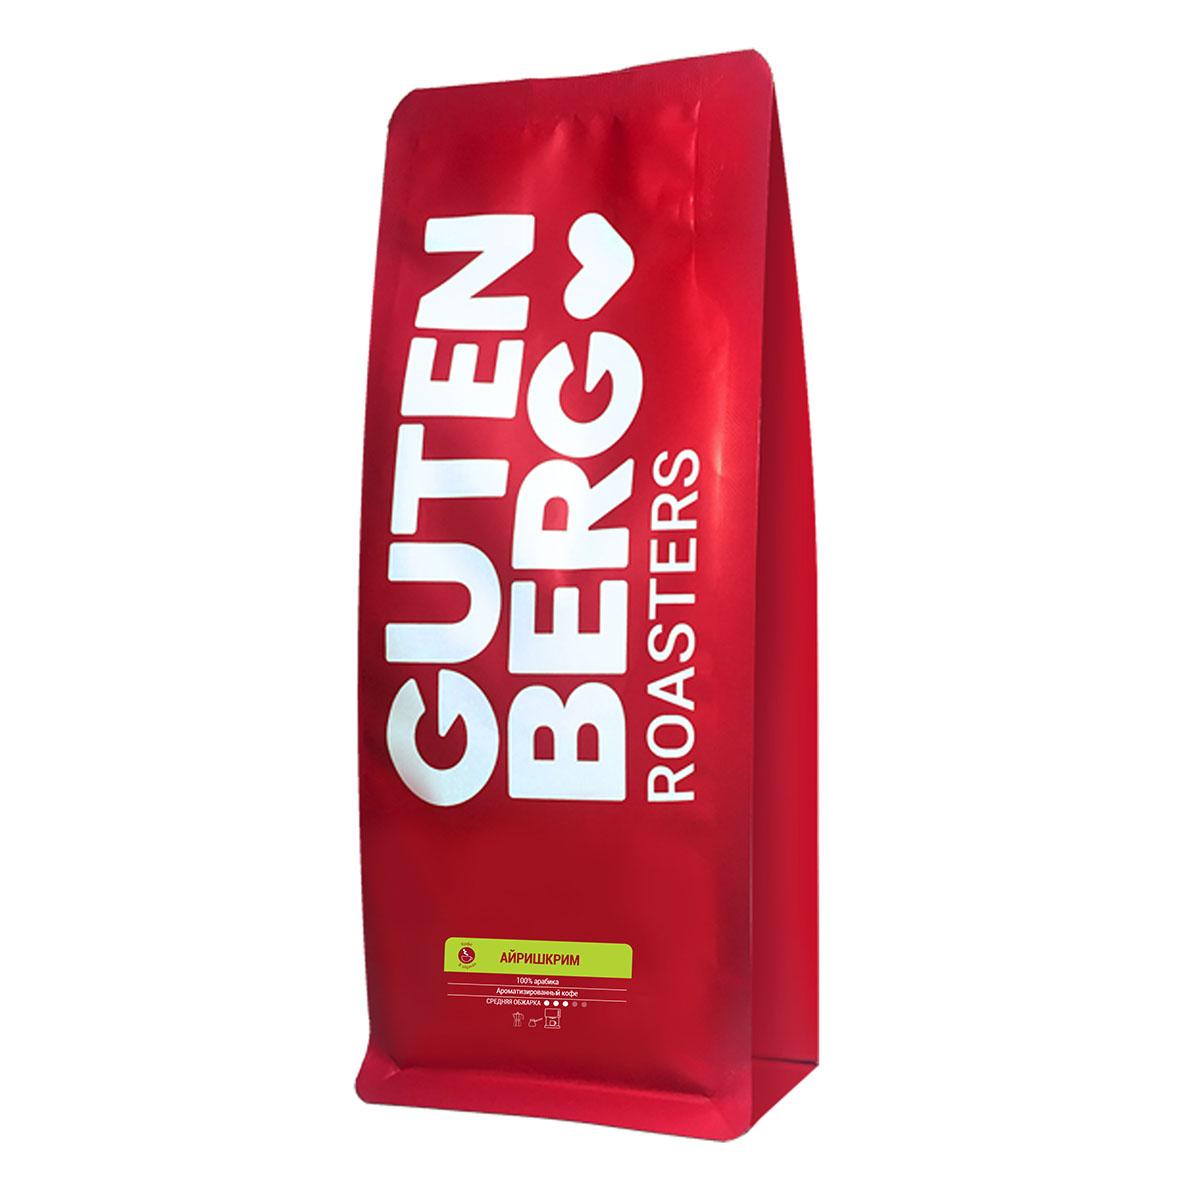 Фото - Кофе в зернах ароматизированный Айришкрим, уп. 1 кг кофе в зернах lemur coffee roasters ирландский крем ароматизированный 1 кг